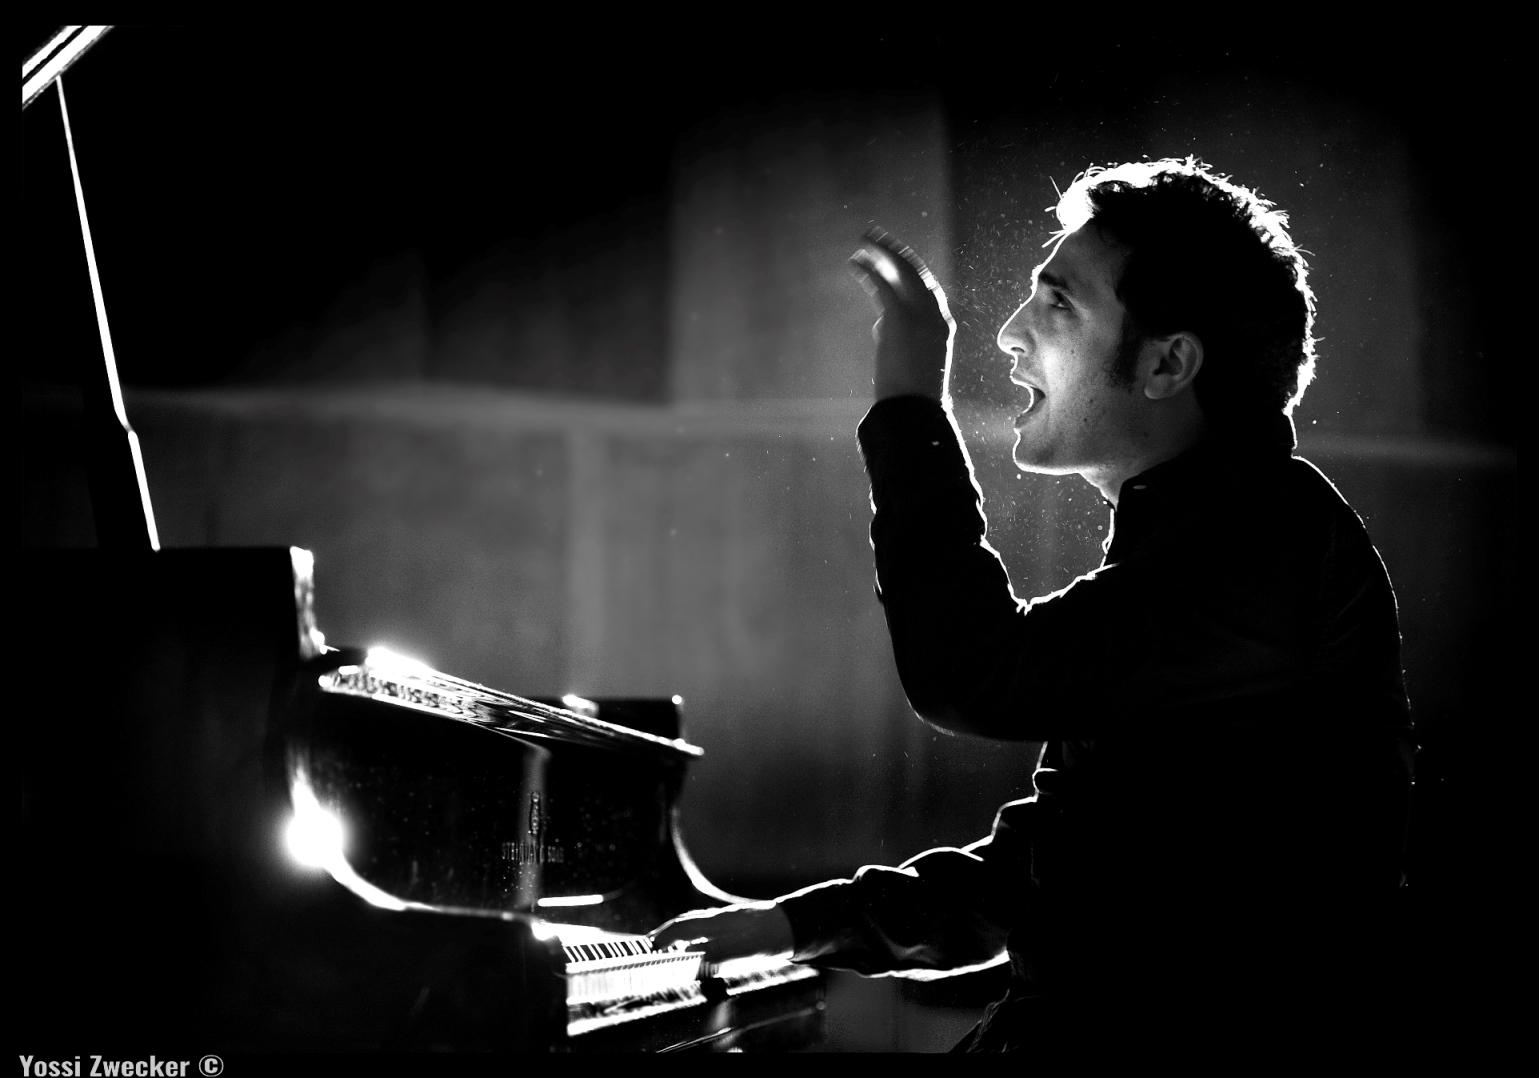 תום כהן - צילום יוסי צבקר